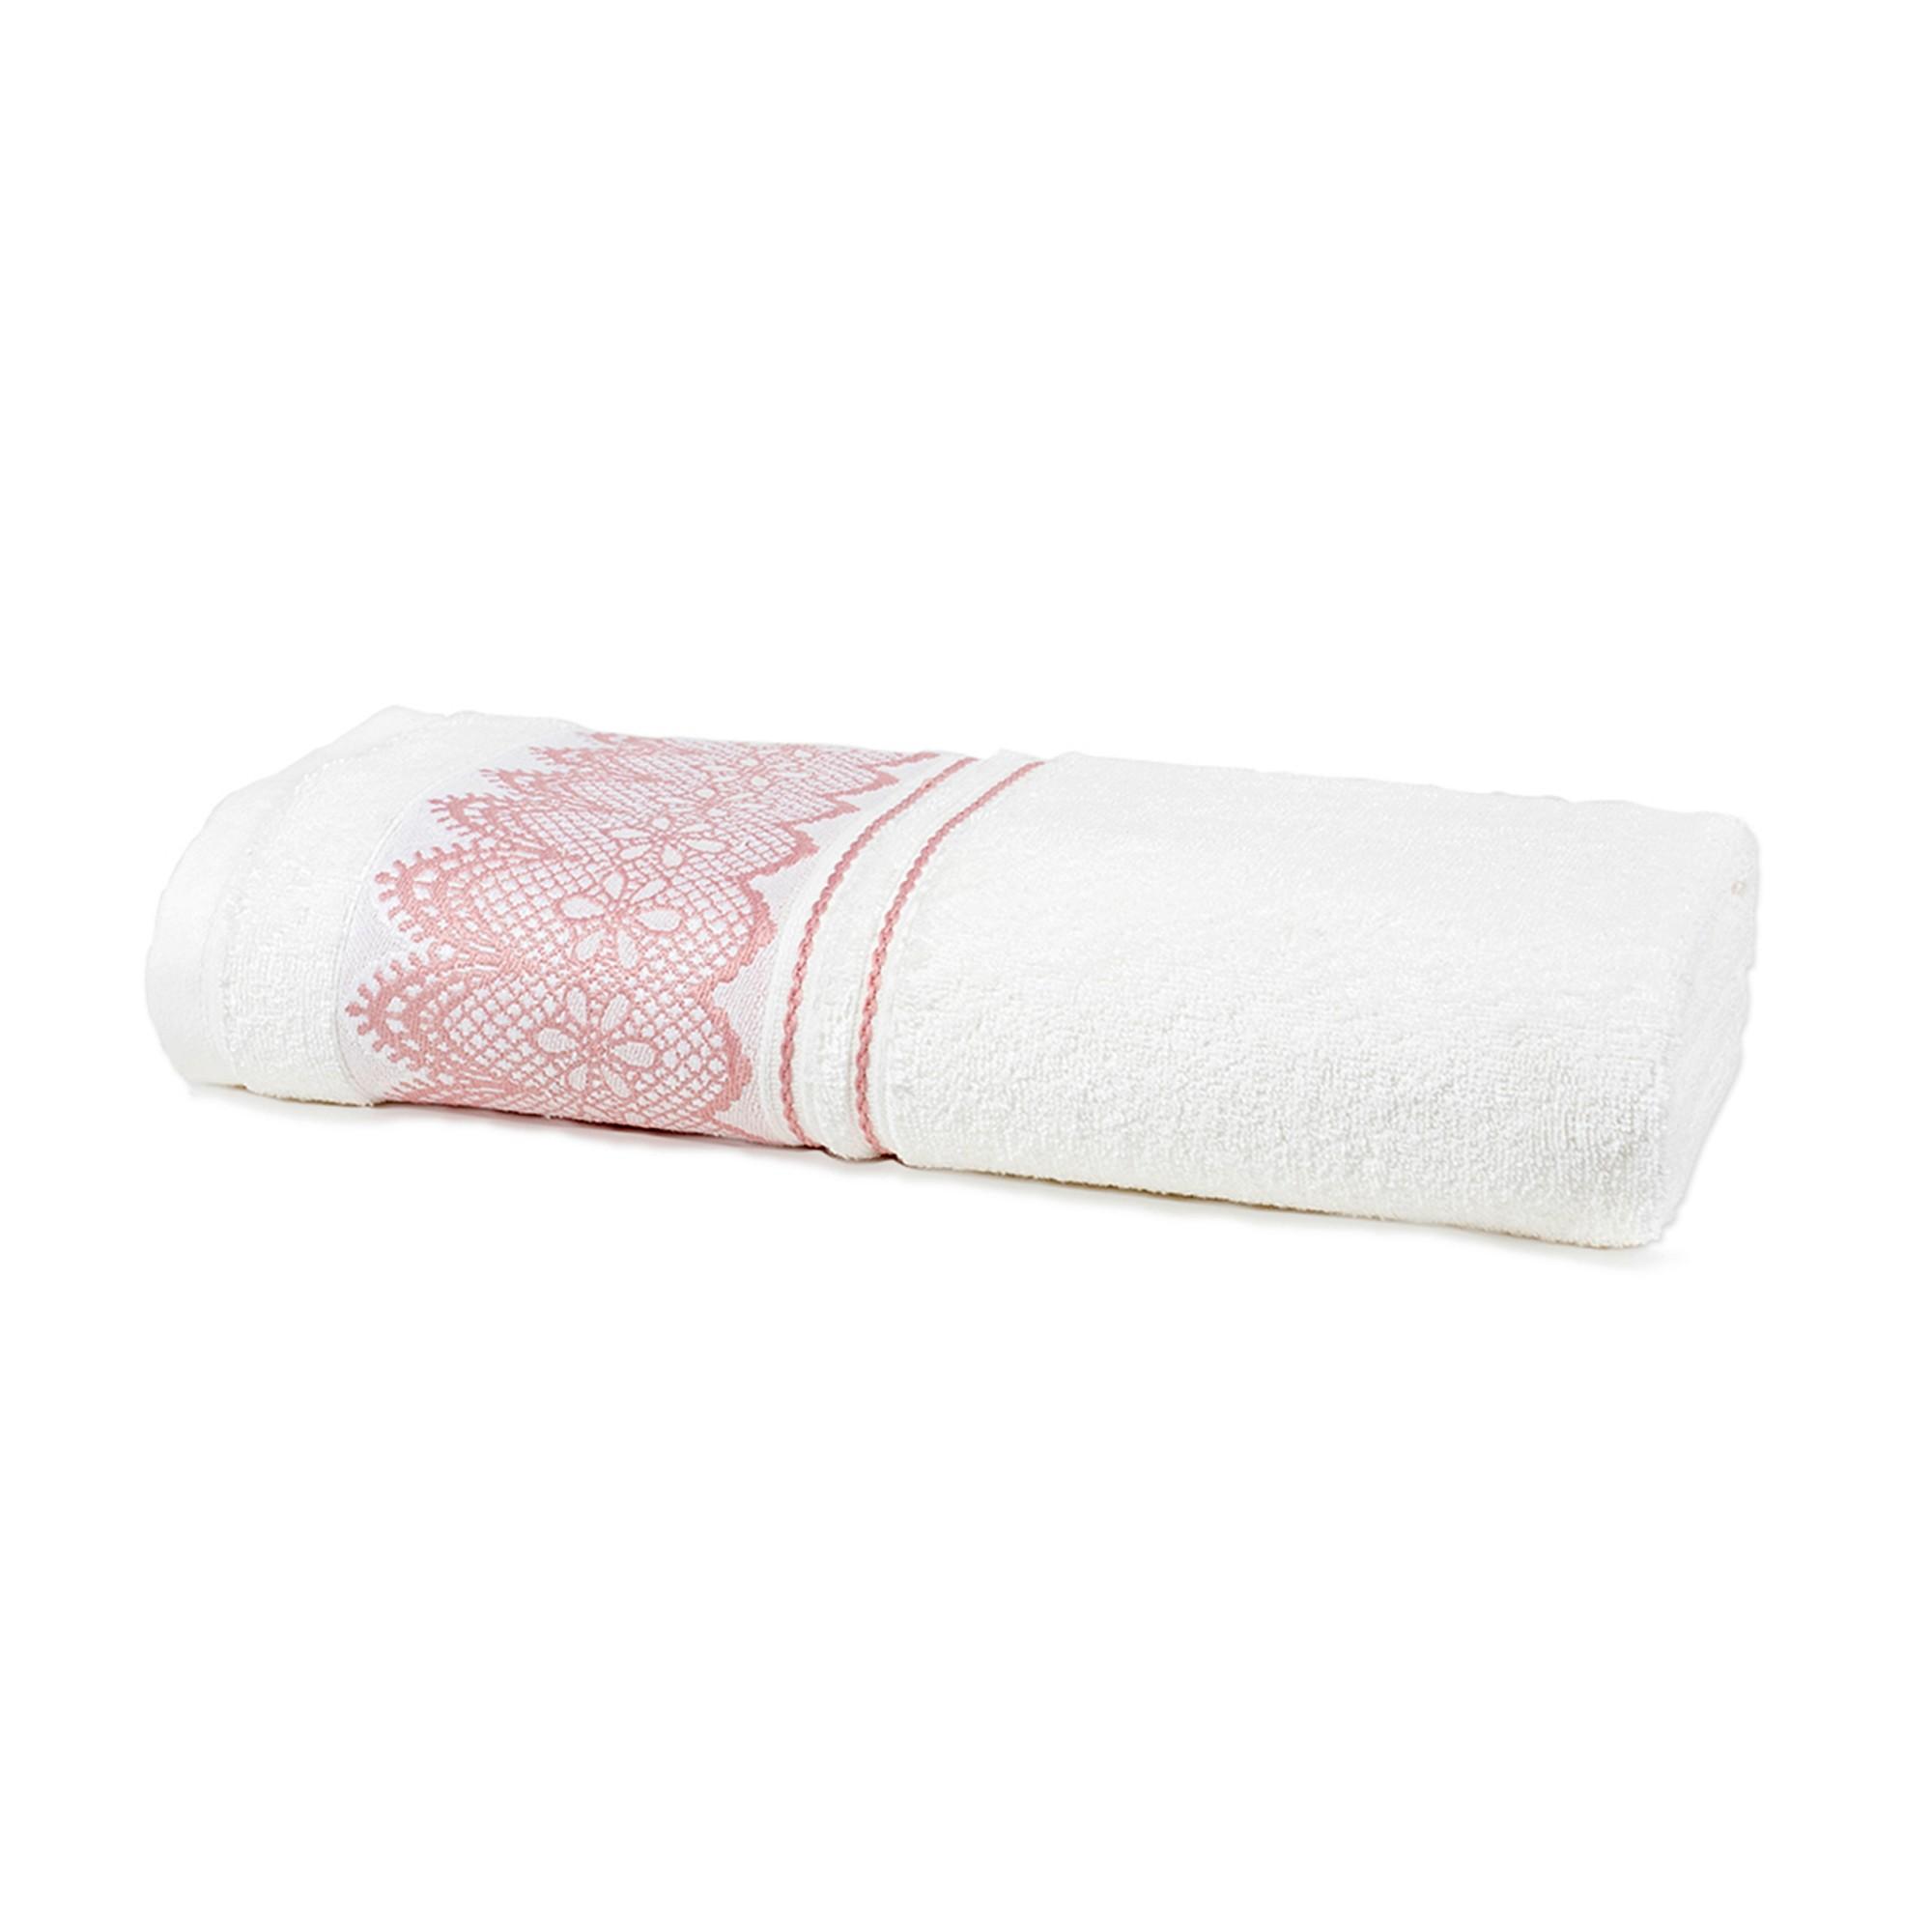 Toalha de Rosto Platinum 100 Algodao 50x70 cm Branco- Santista